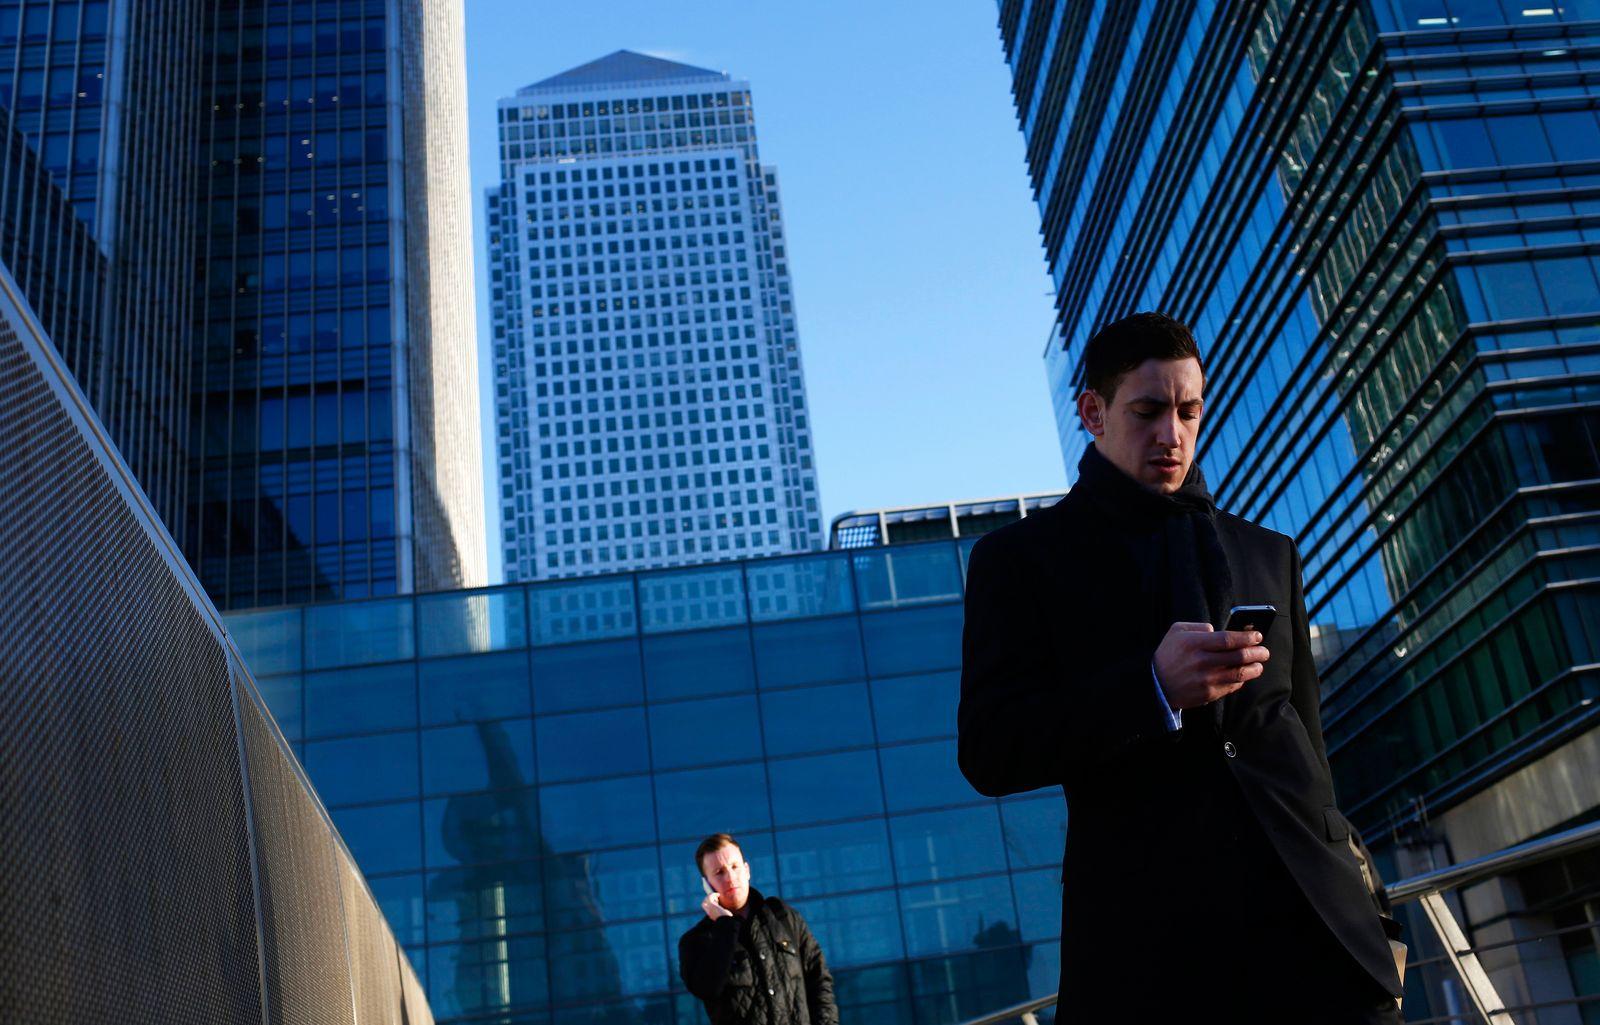 London / Banken-Viertel / Banken / Banker /